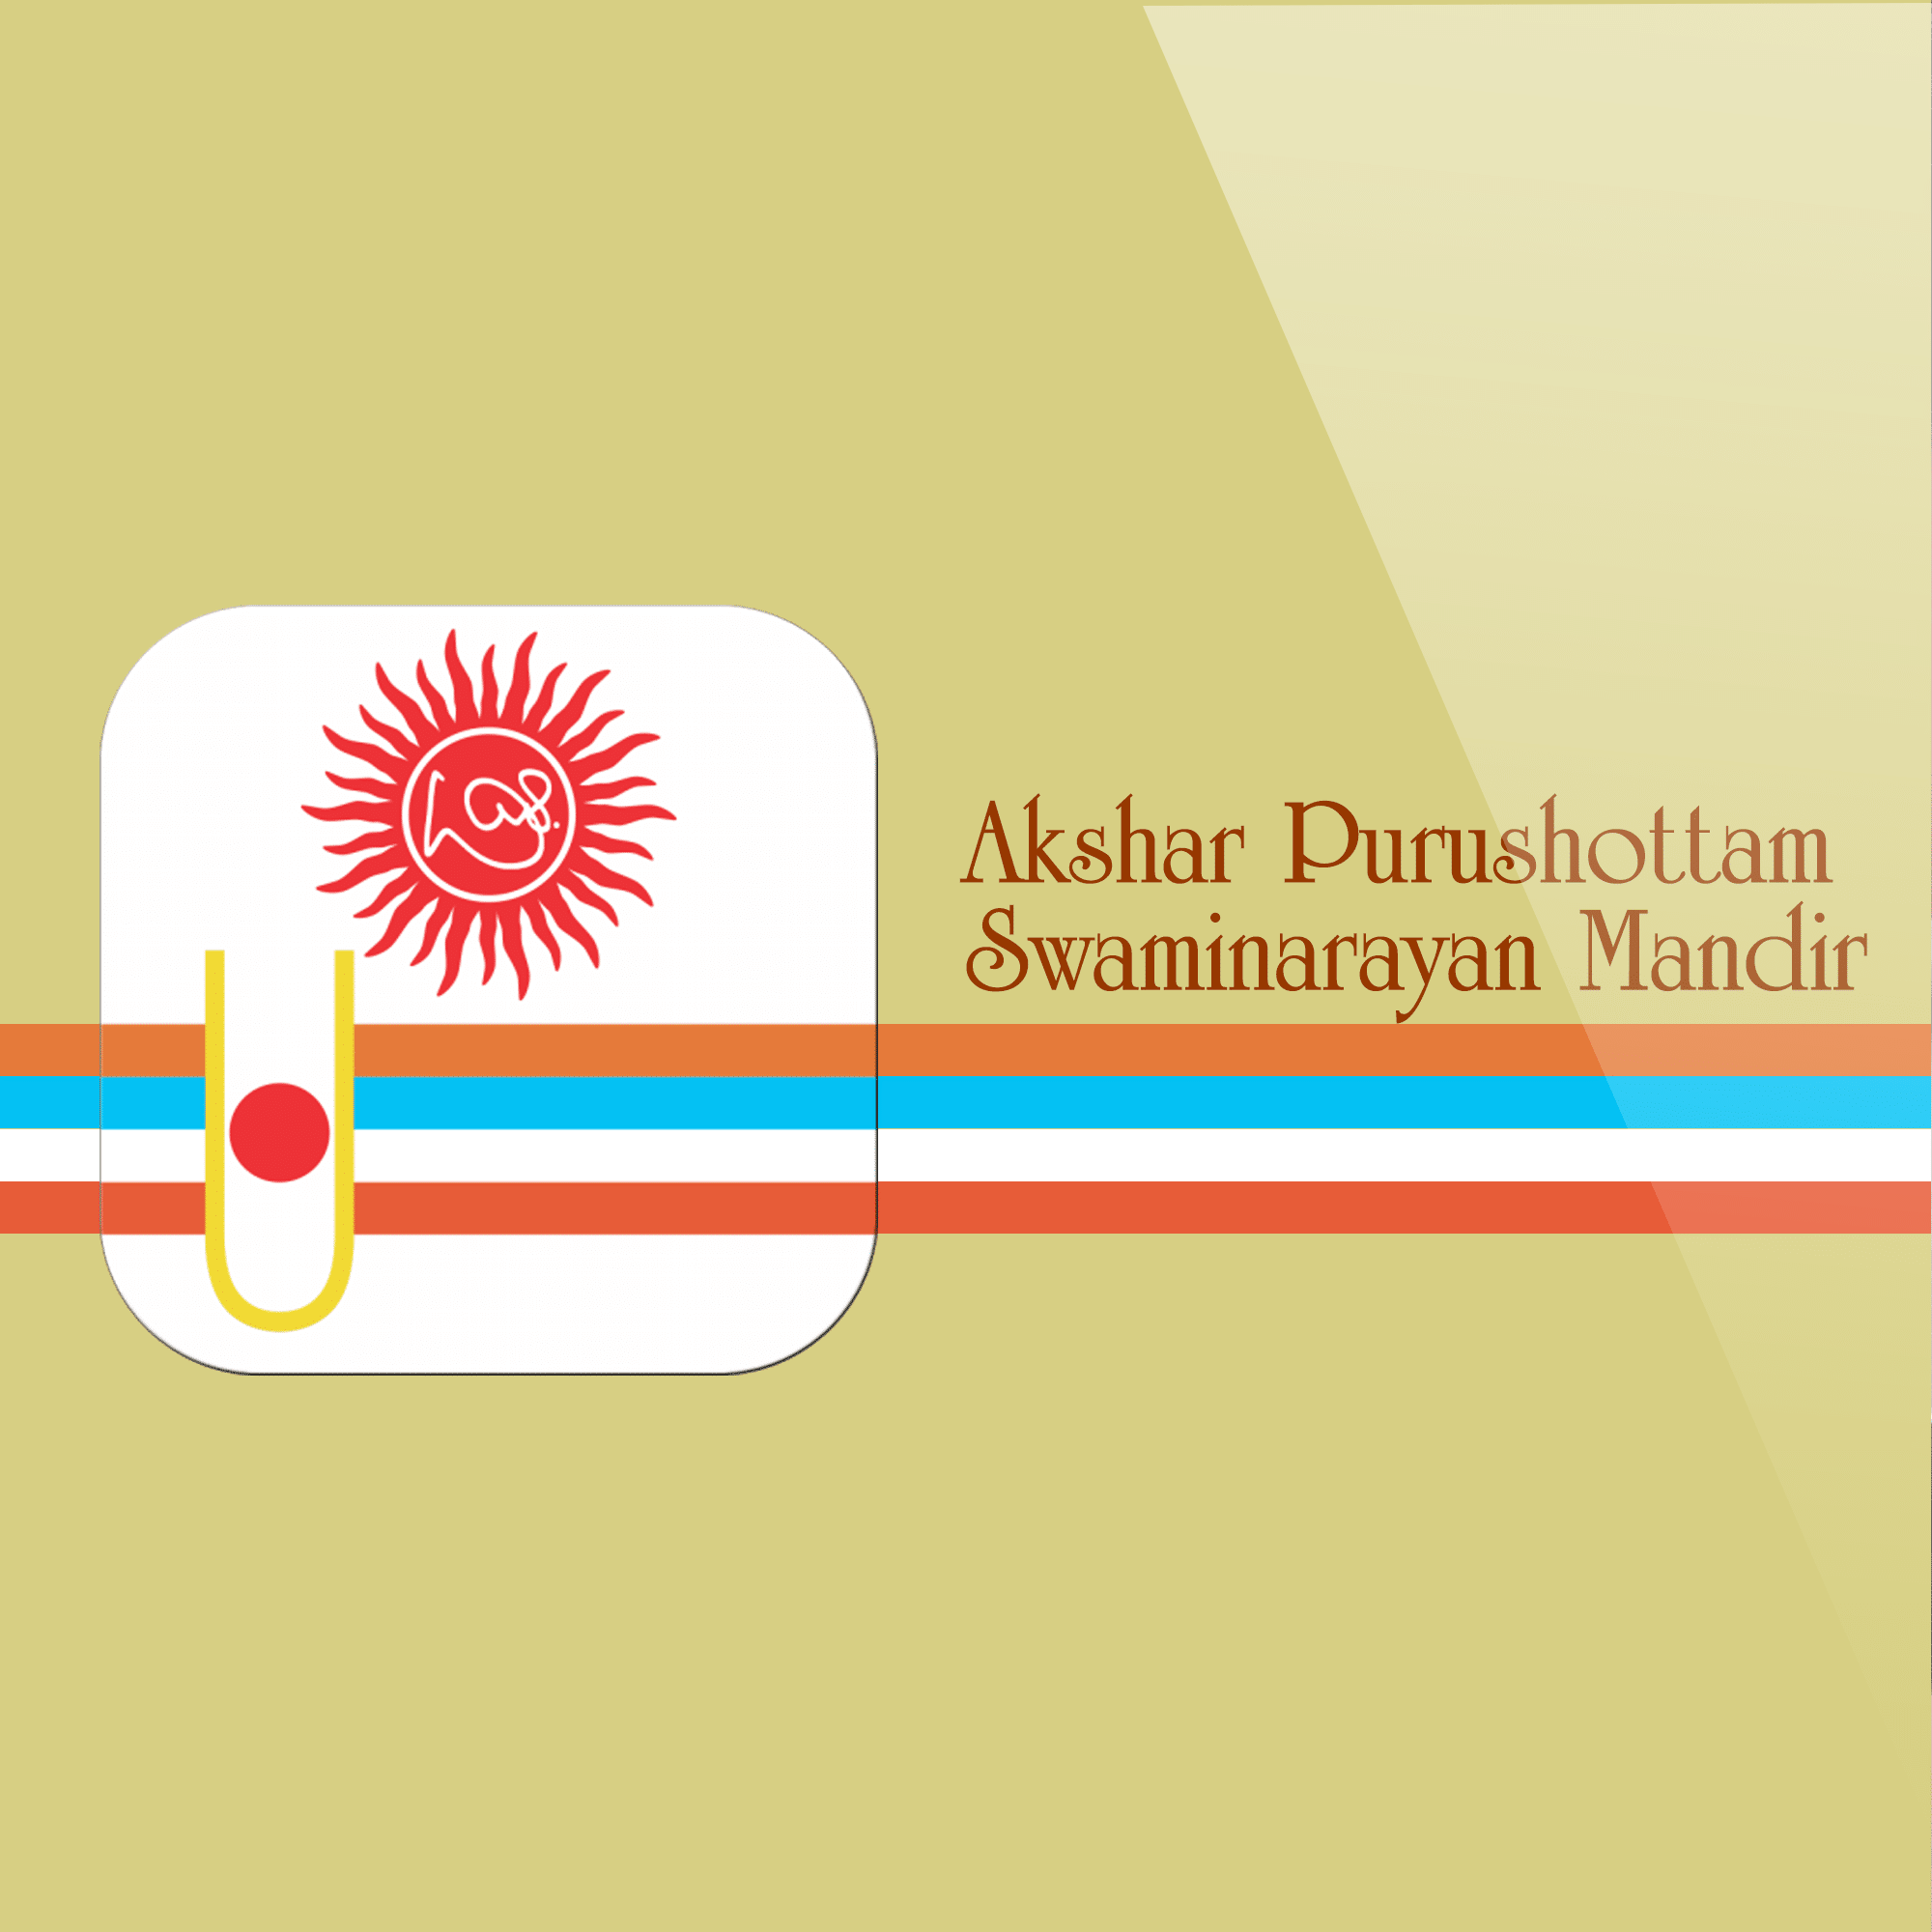 Akshar Purushottam Swaminarayan Mandir